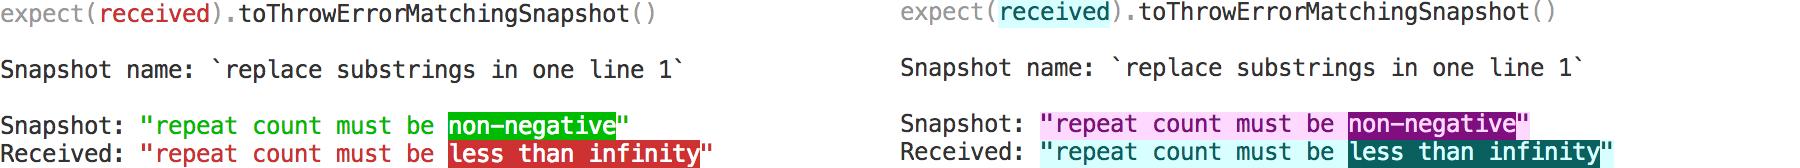 snapshot-change-substrings